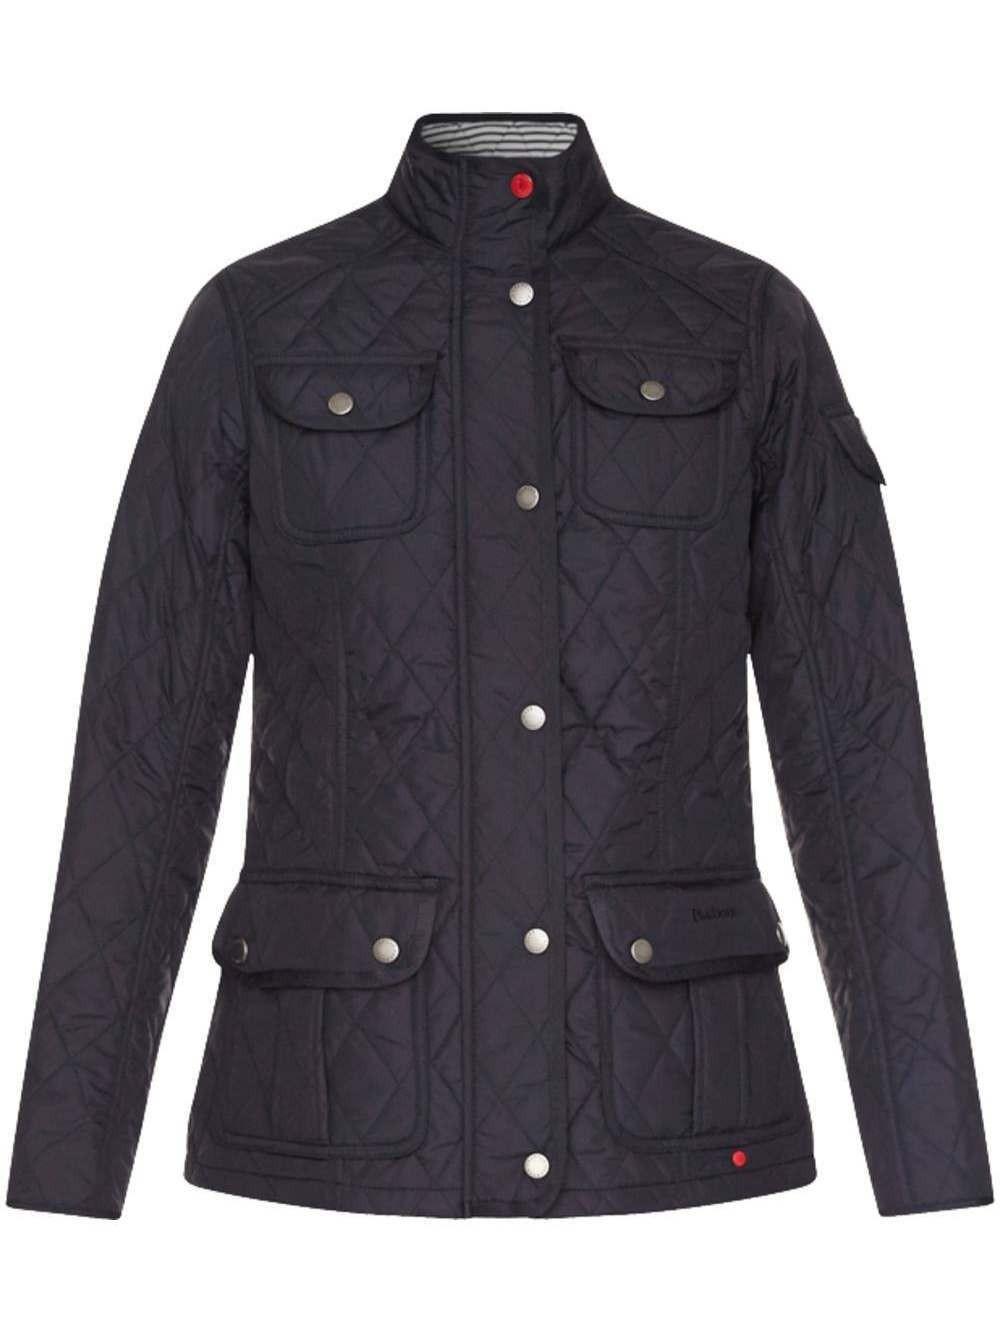 Barbour Buryhead Quilted Ladies Jacket Navy